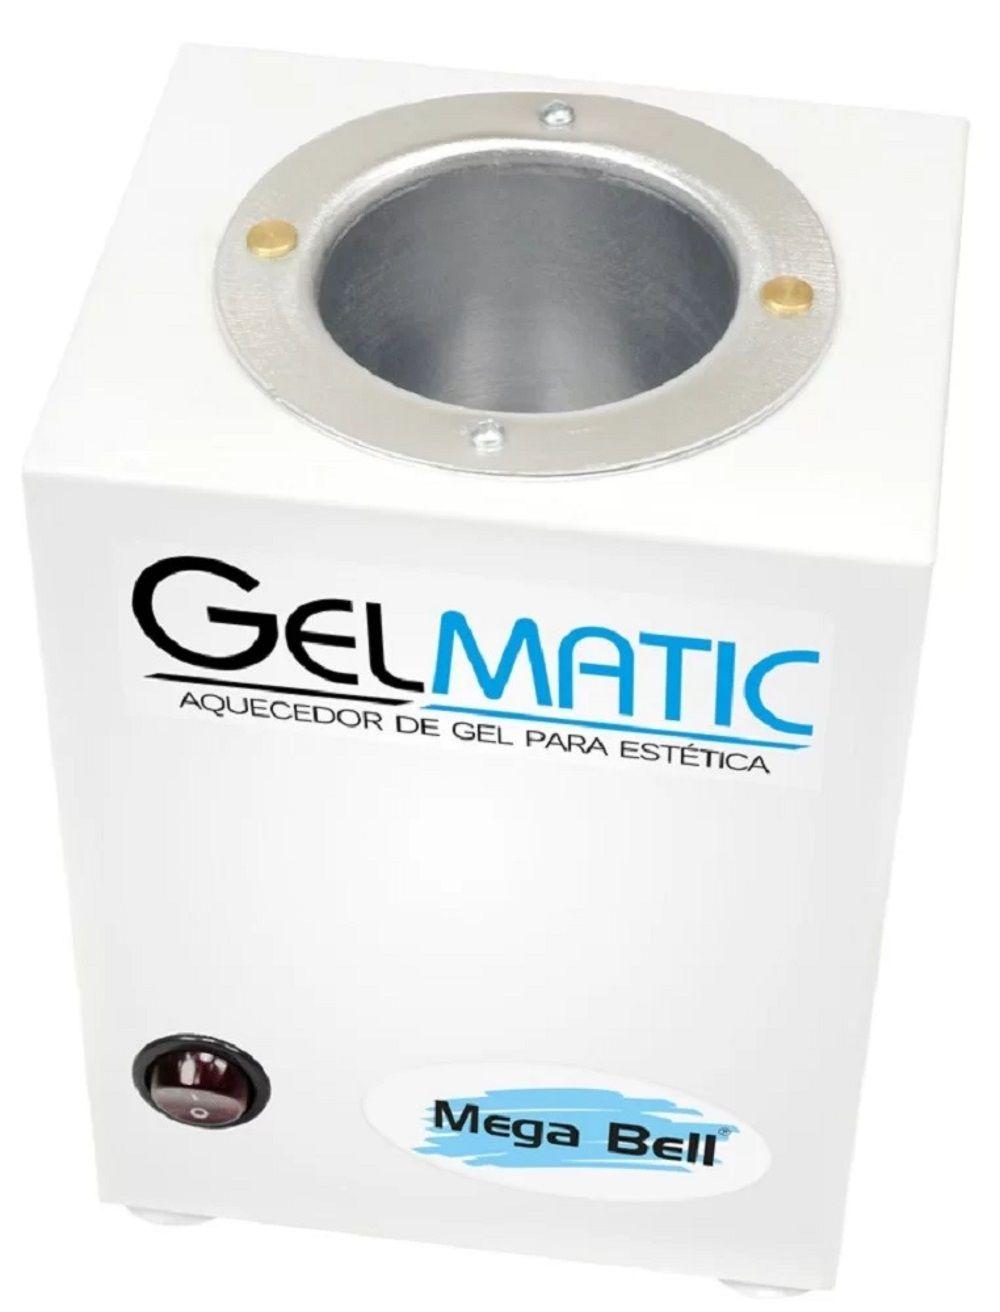 Aquecedor Gel Matic Bivolt - Mega Bell